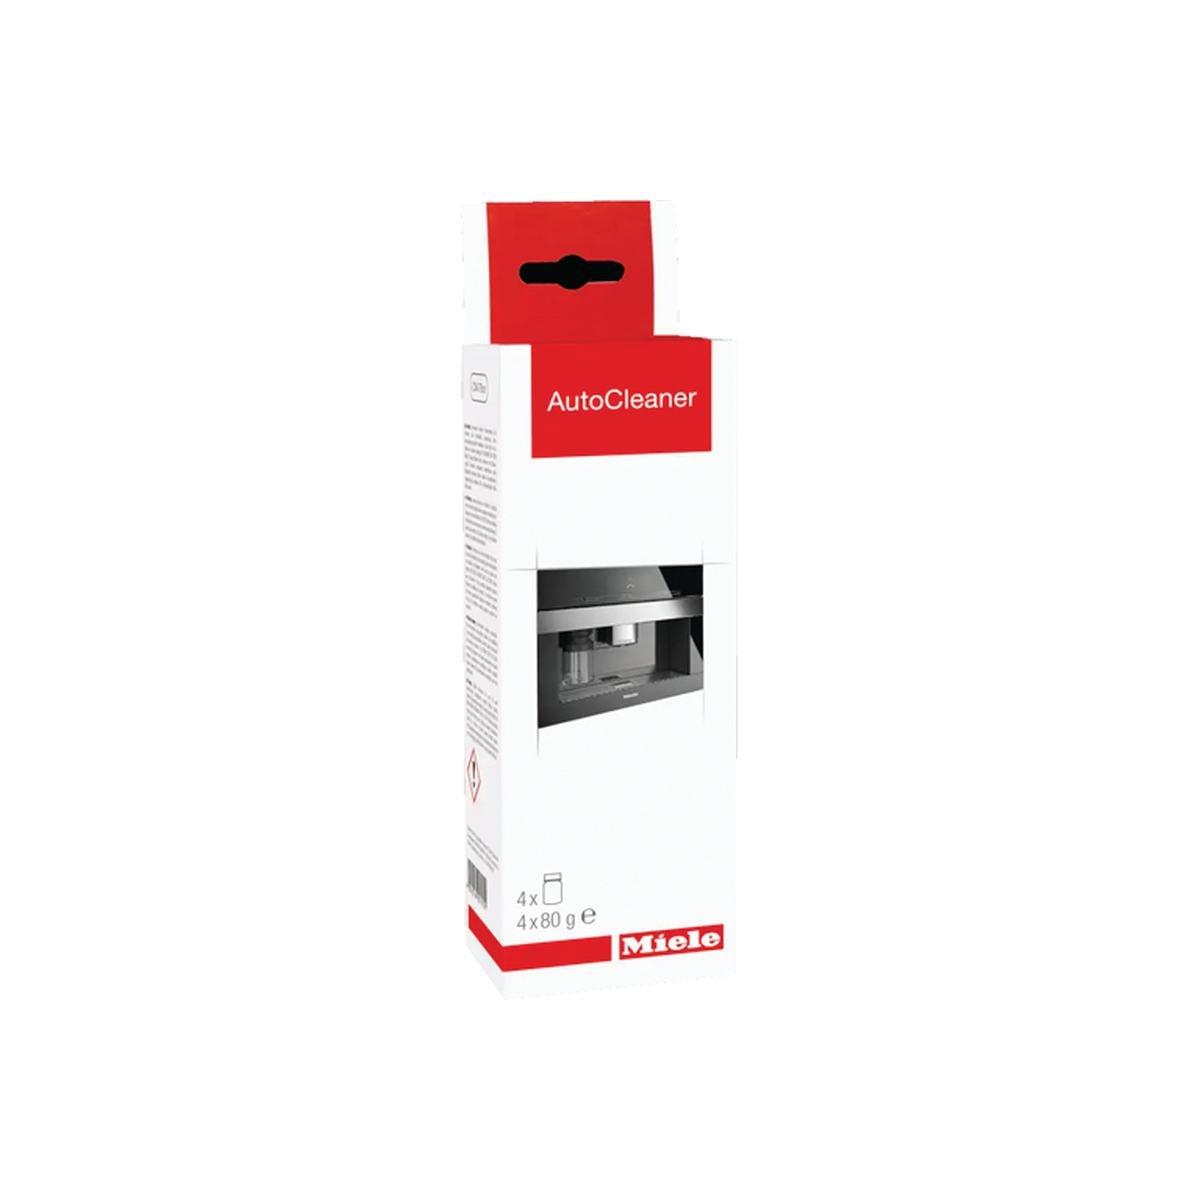 AutoCleaner GP CC 001 C - 4 x 80 g